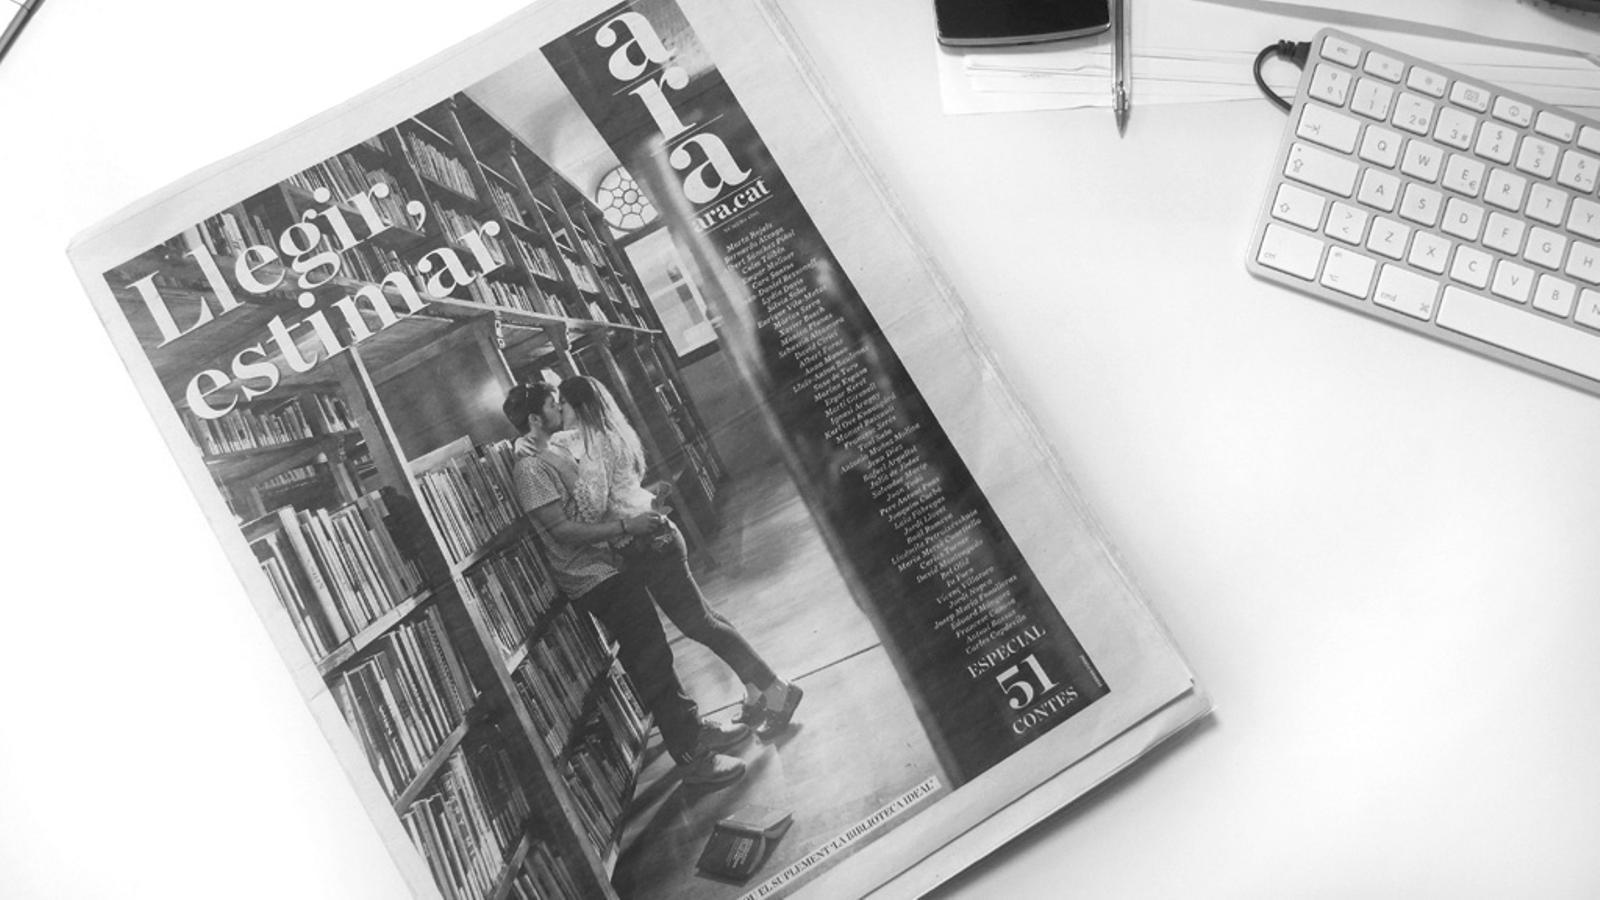 L'editorial d'Antoni Bassas: 'Mister', què és 'lligir'? (23/04/15)